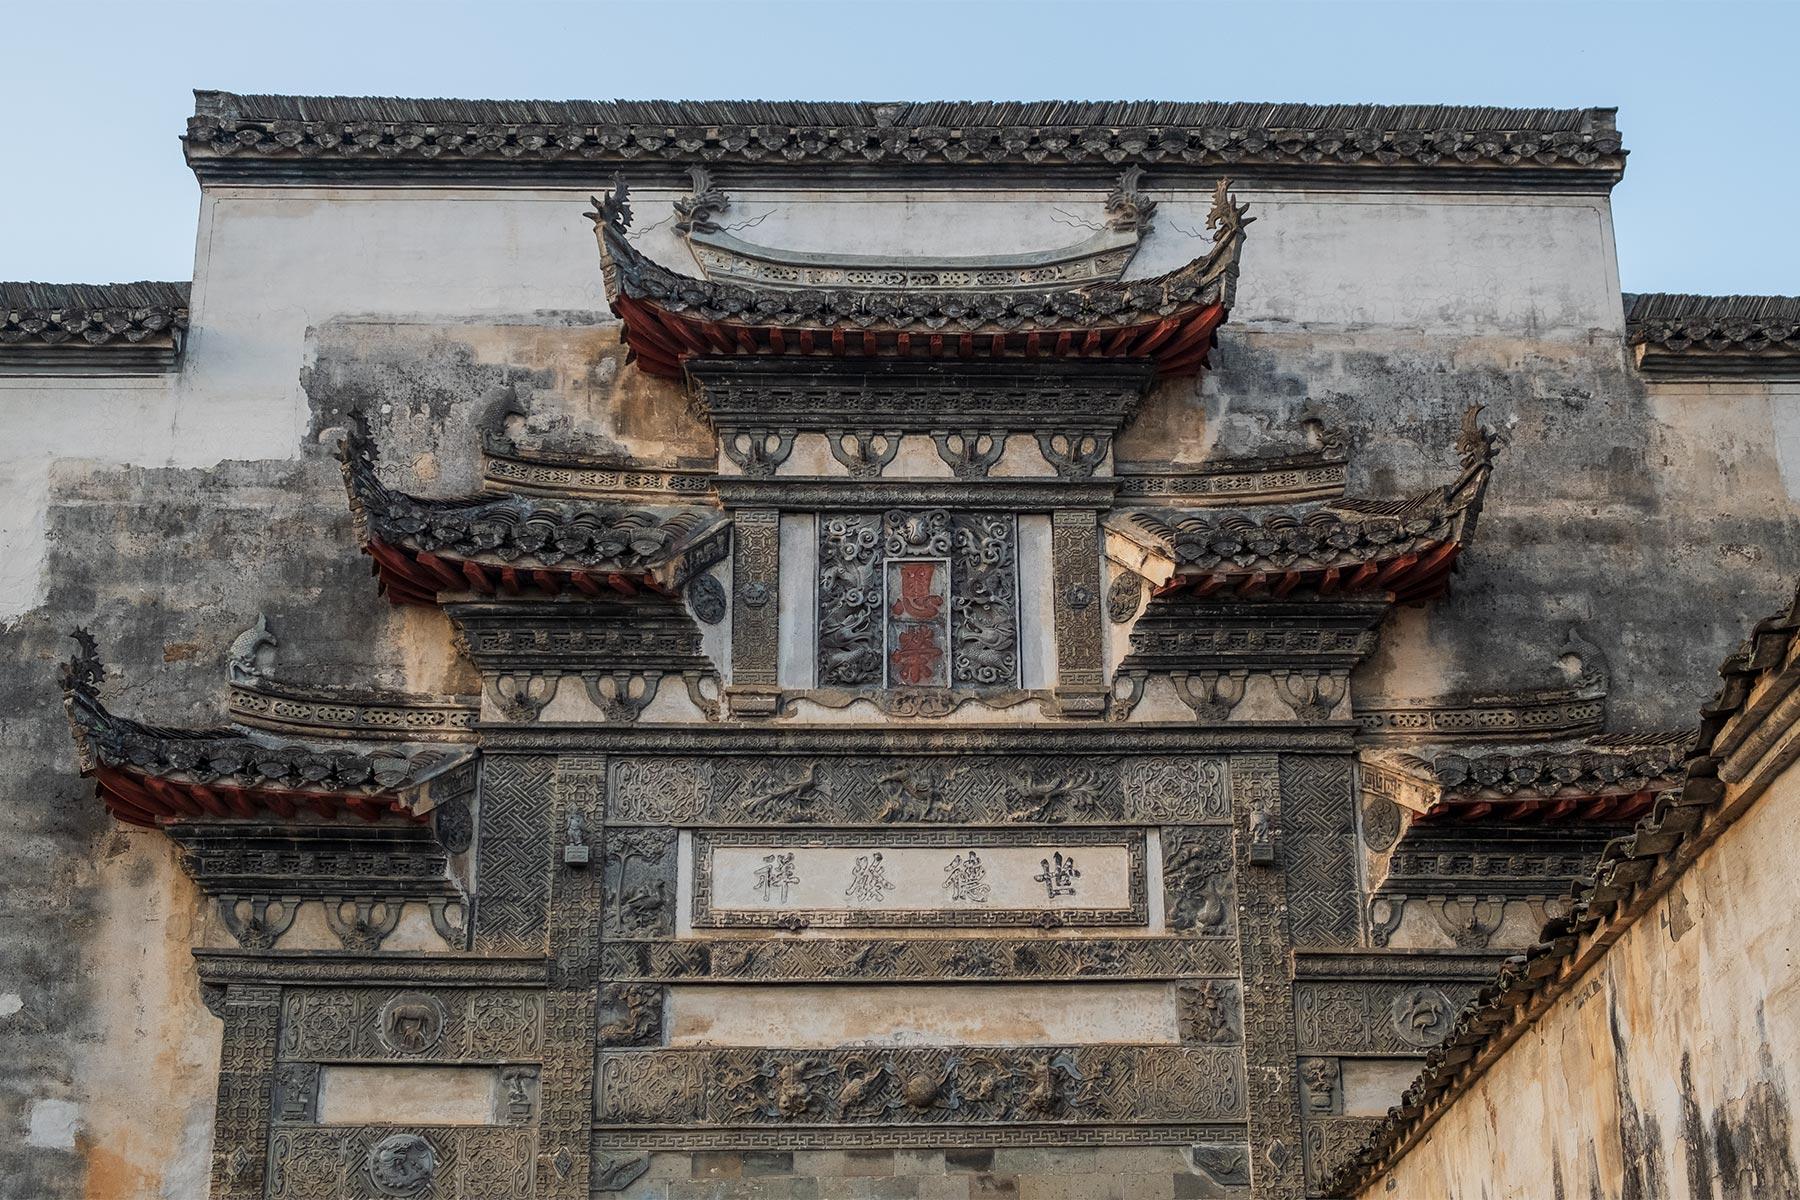 Chengzhi Halle in Hongcun, Anhui, China